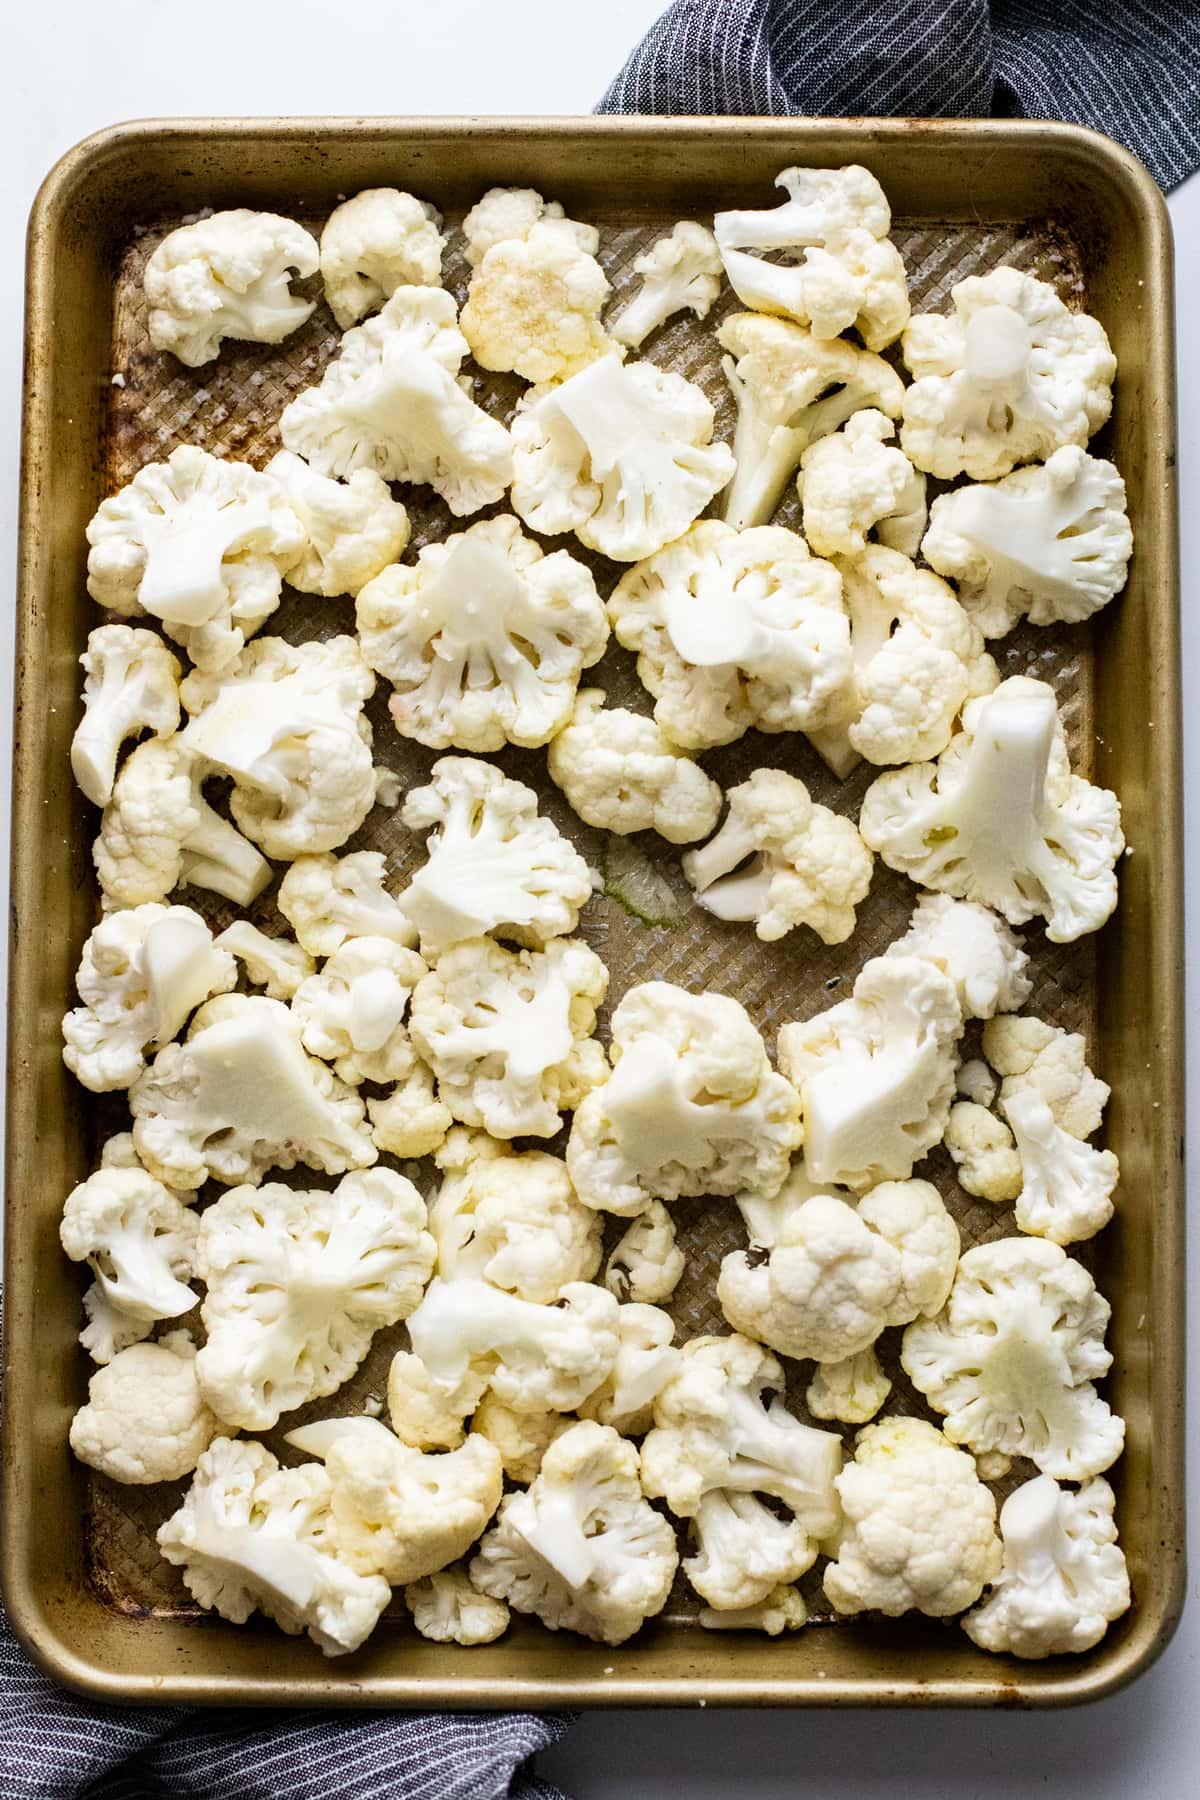 cauliflower florets on a sheet pan.